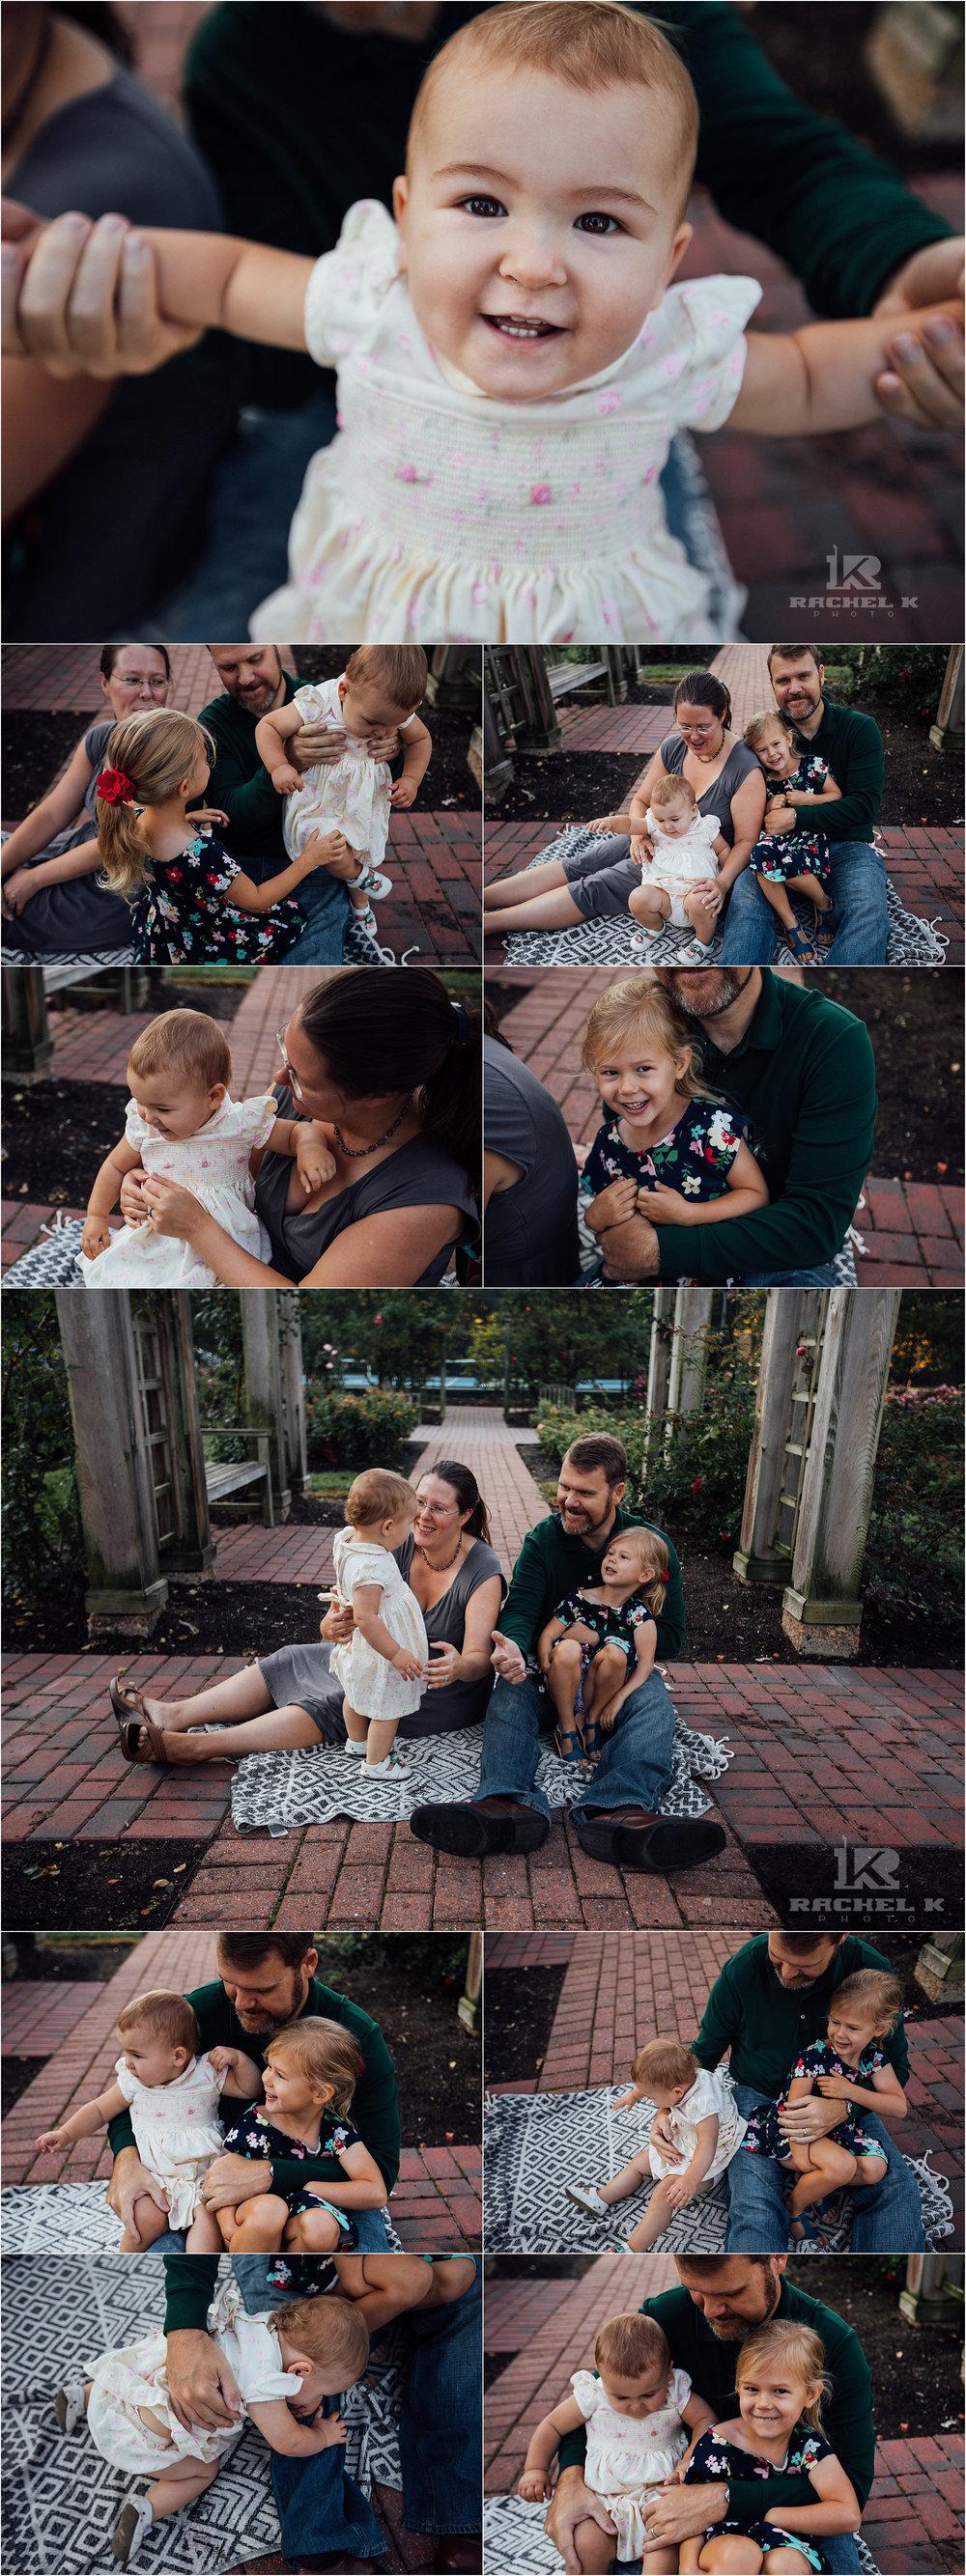 Family park session by Fairfax VA photographer Rachel K Photo